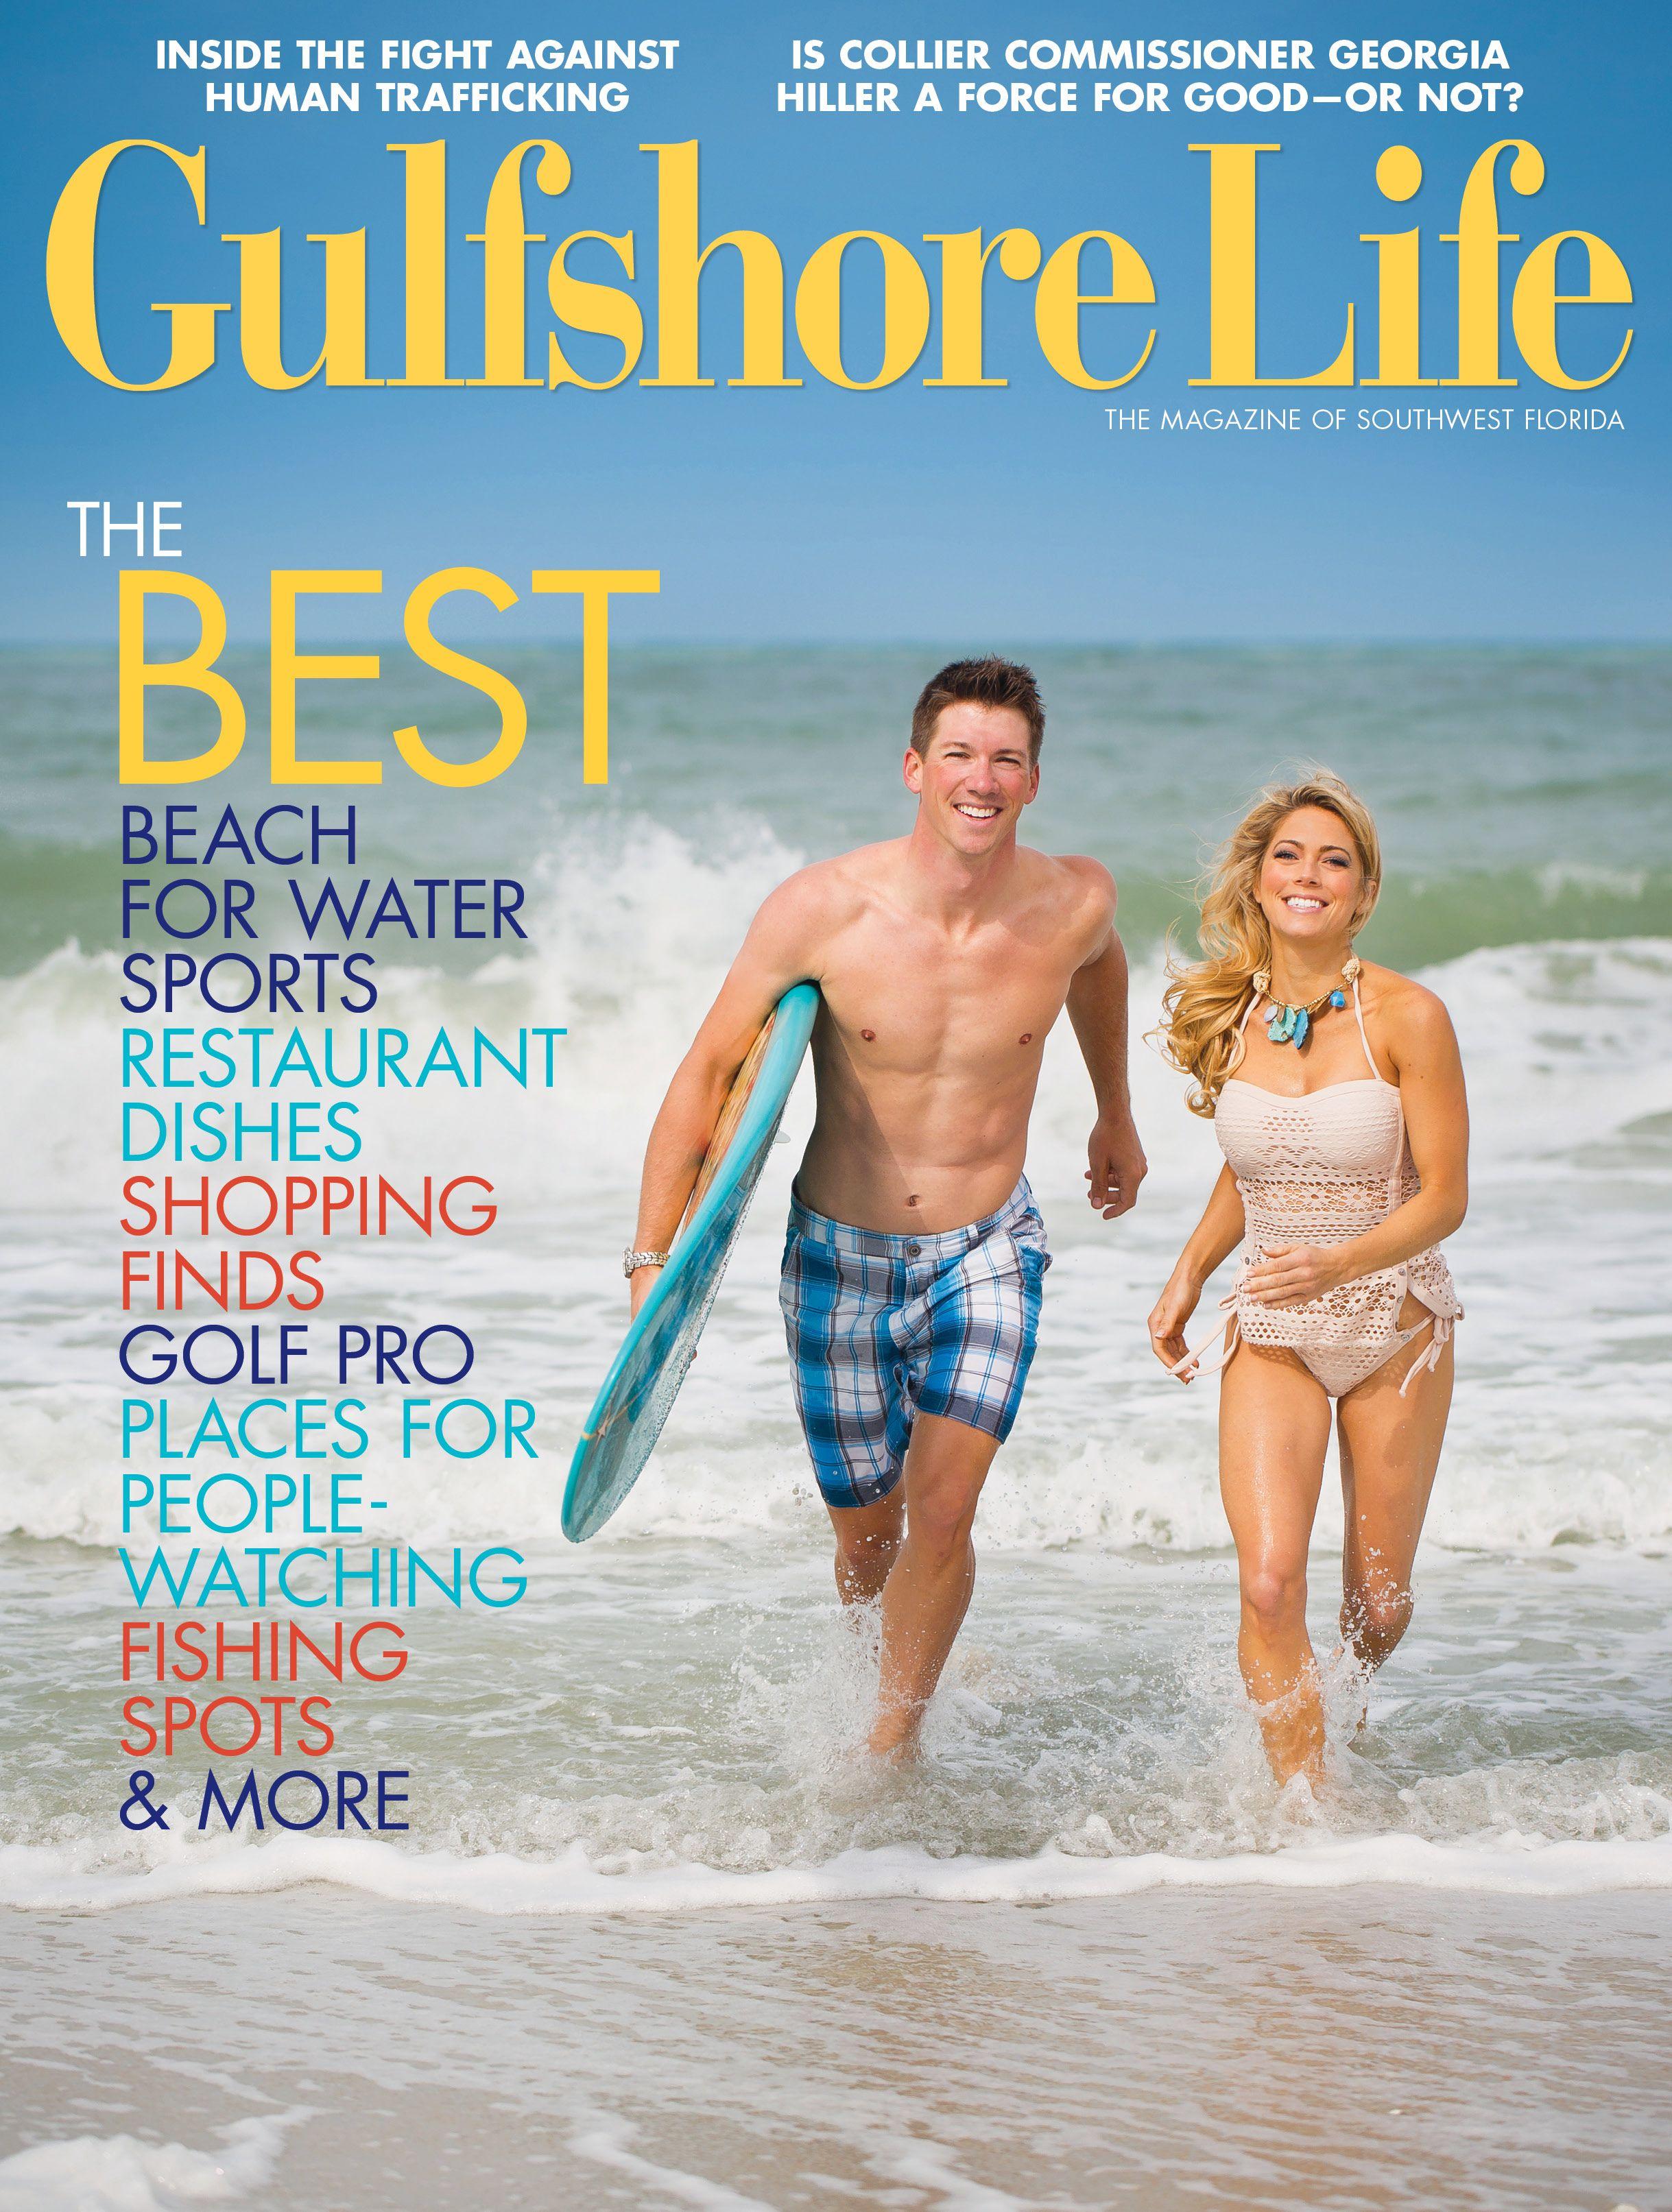 Gulfshore Life May 2013 Wwwgulfshorelifecom Gulfshorelife Swfl